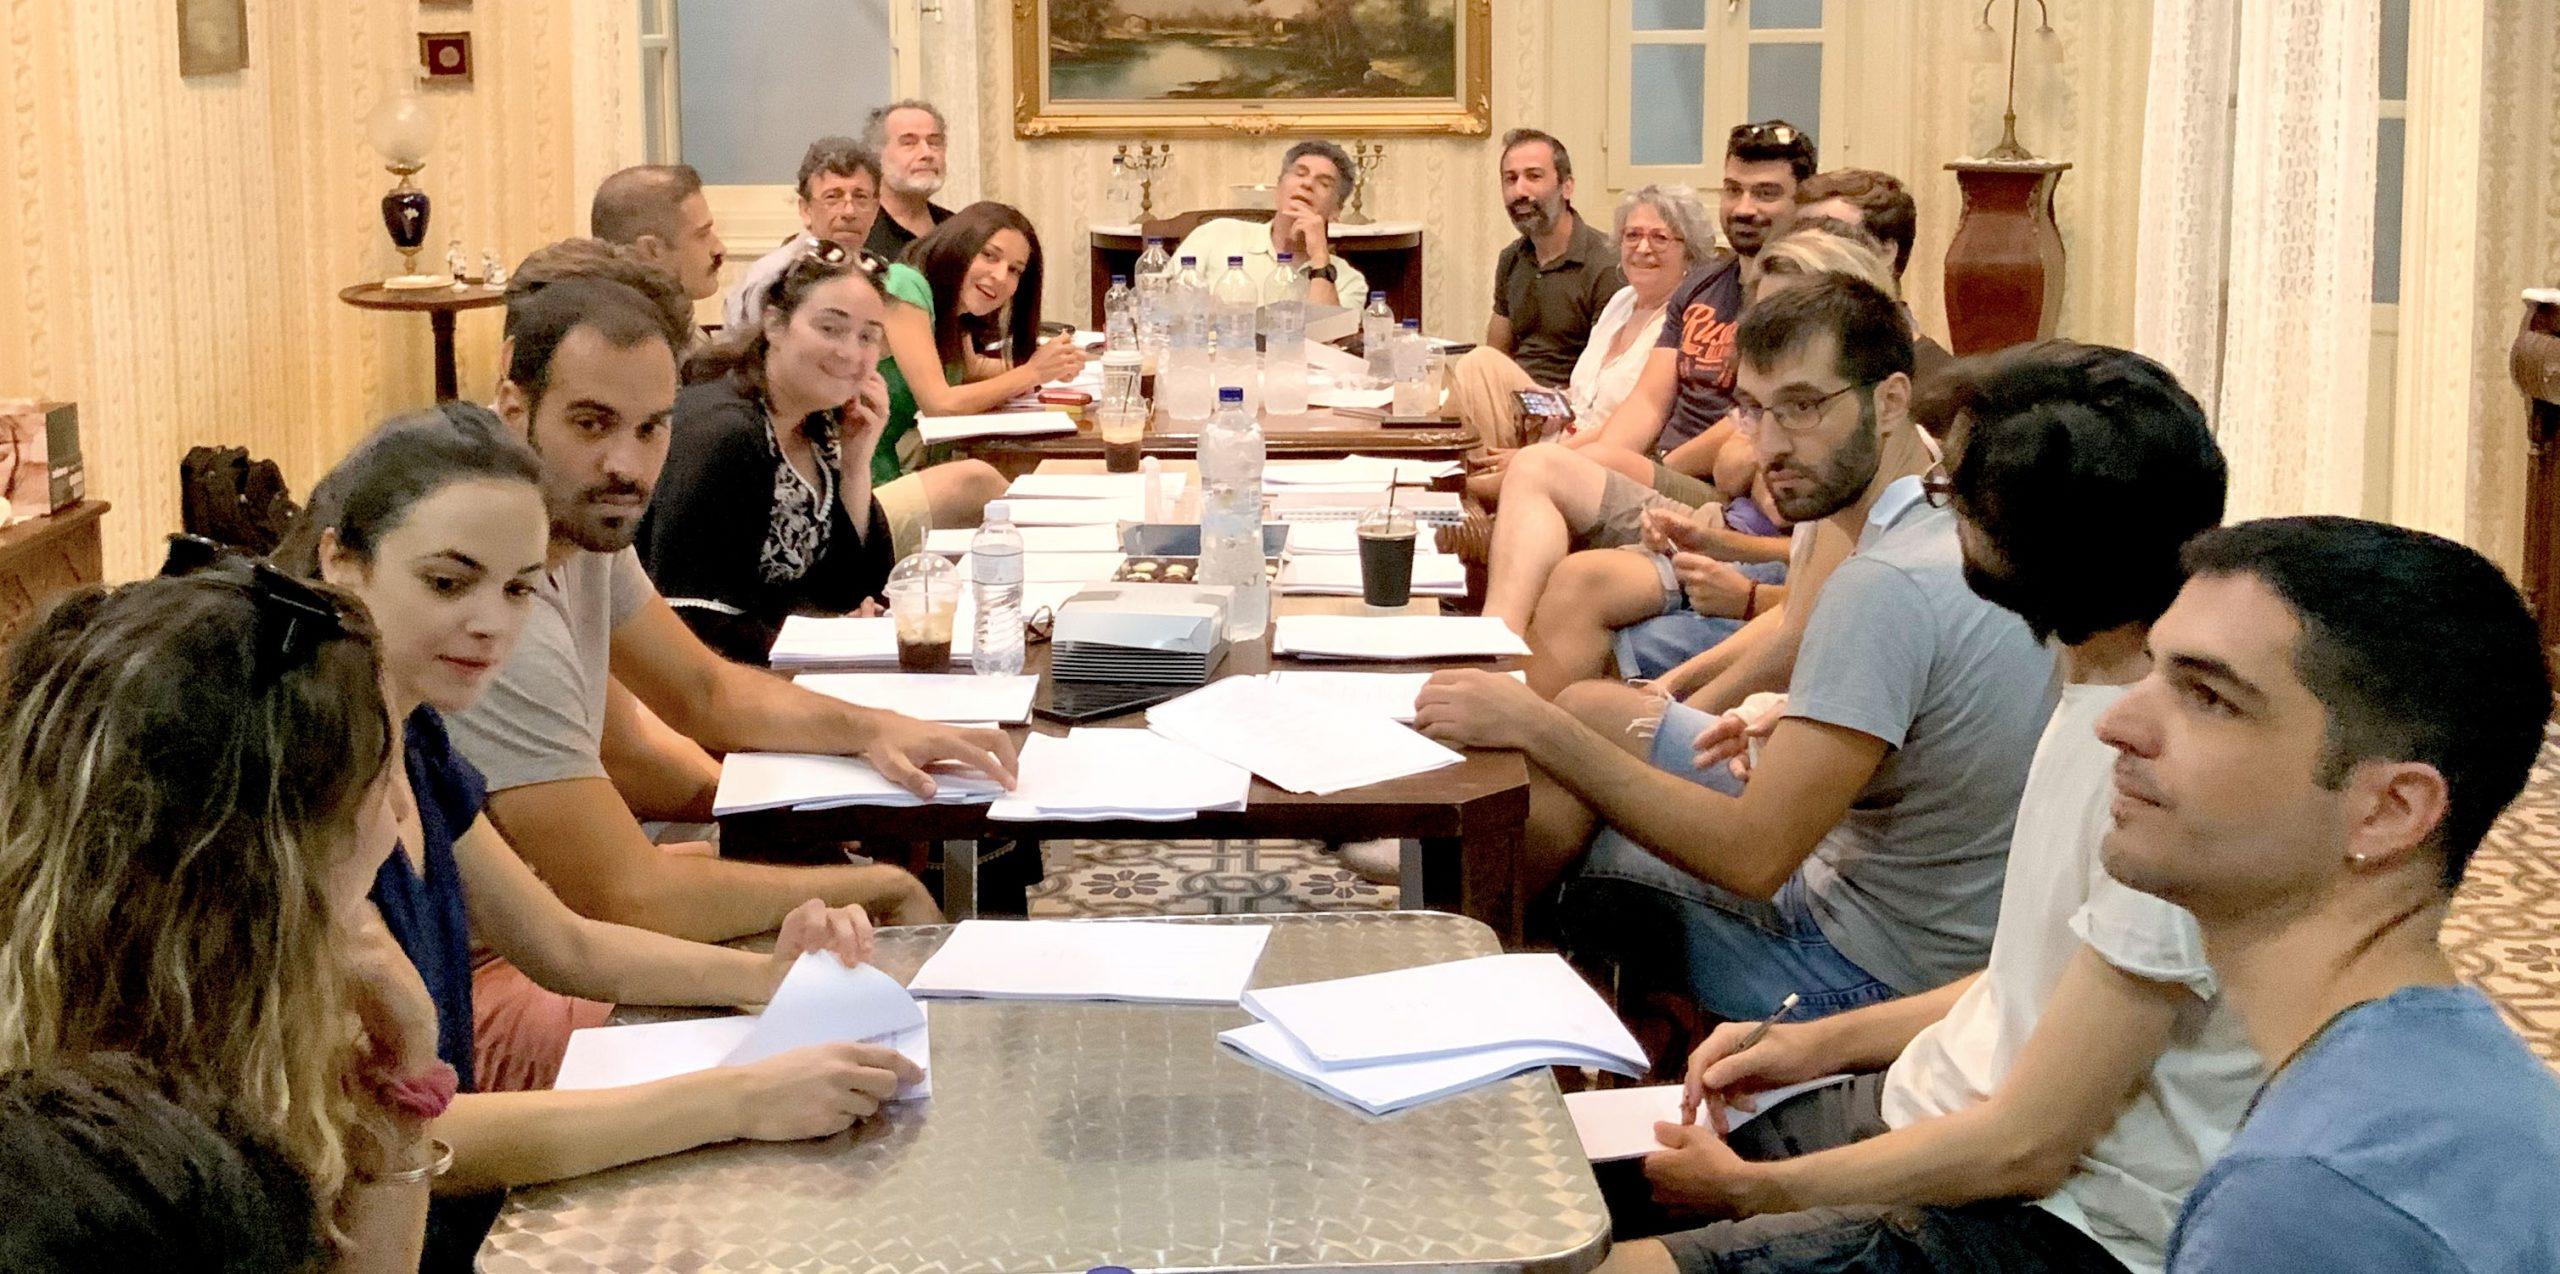 «Παρουσιάστε!»: Οι πρωταγωνιστές και όλες οι λεπτομέρειες της νέας σειράς του Γιάννη Μπέζου στον ΑΝΤ1